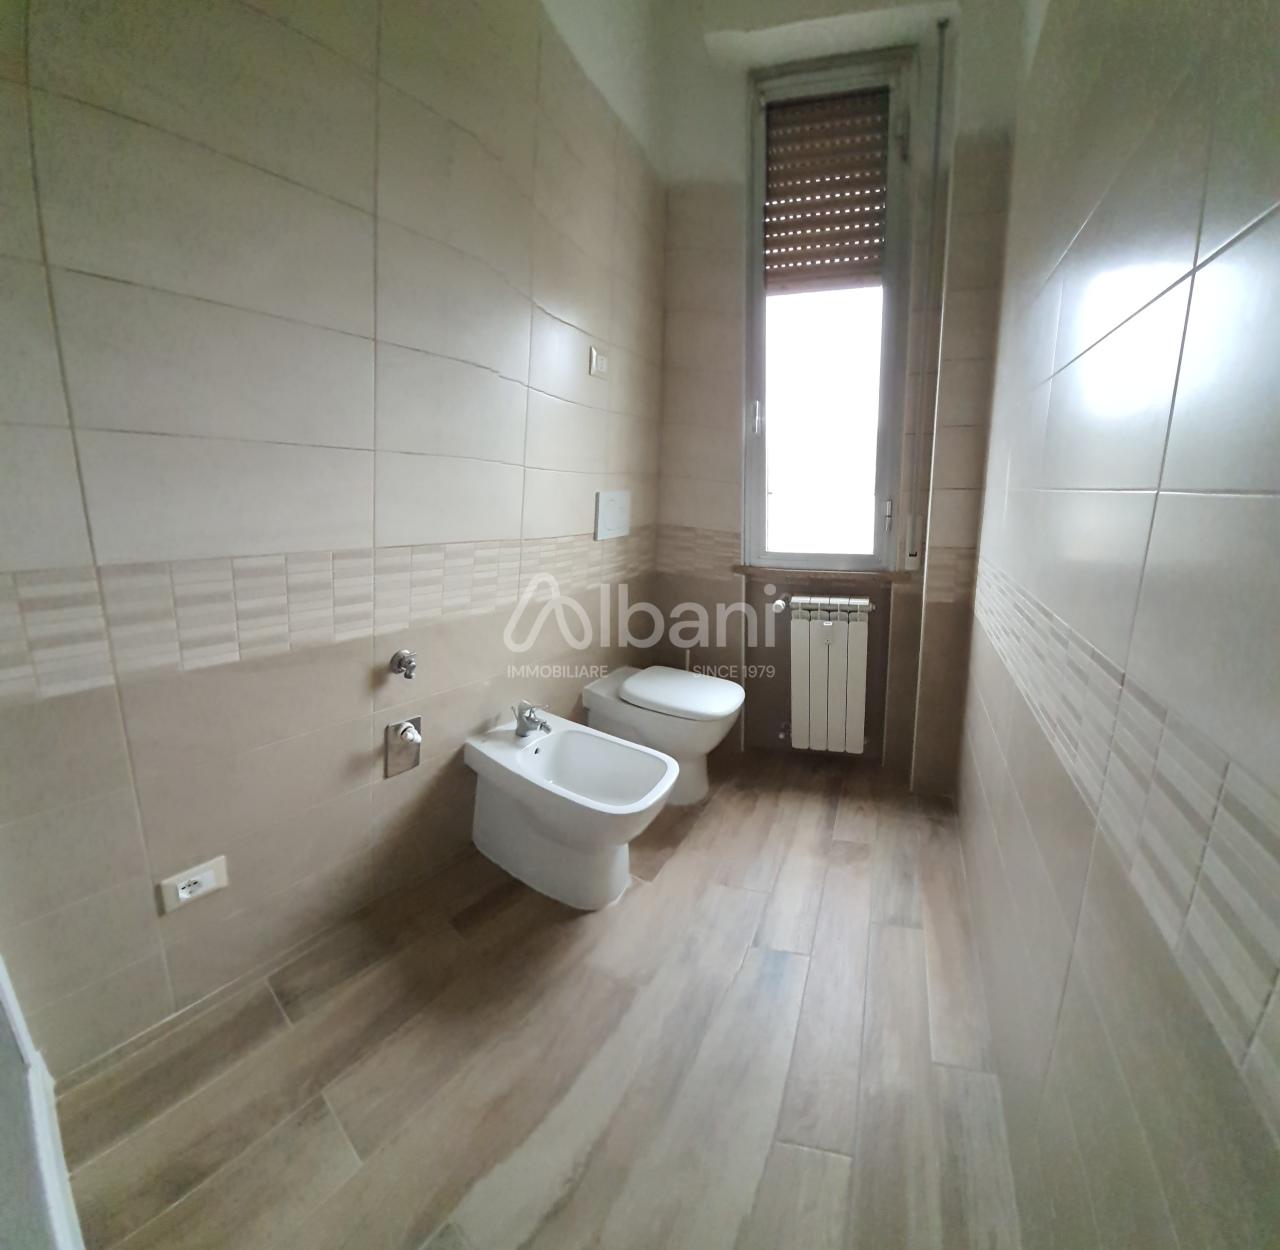 Appartamento in affitto a Vezzano Ligure, 3 locali, prezzo € 430 | PortaleAgenzieImmobiliari.it